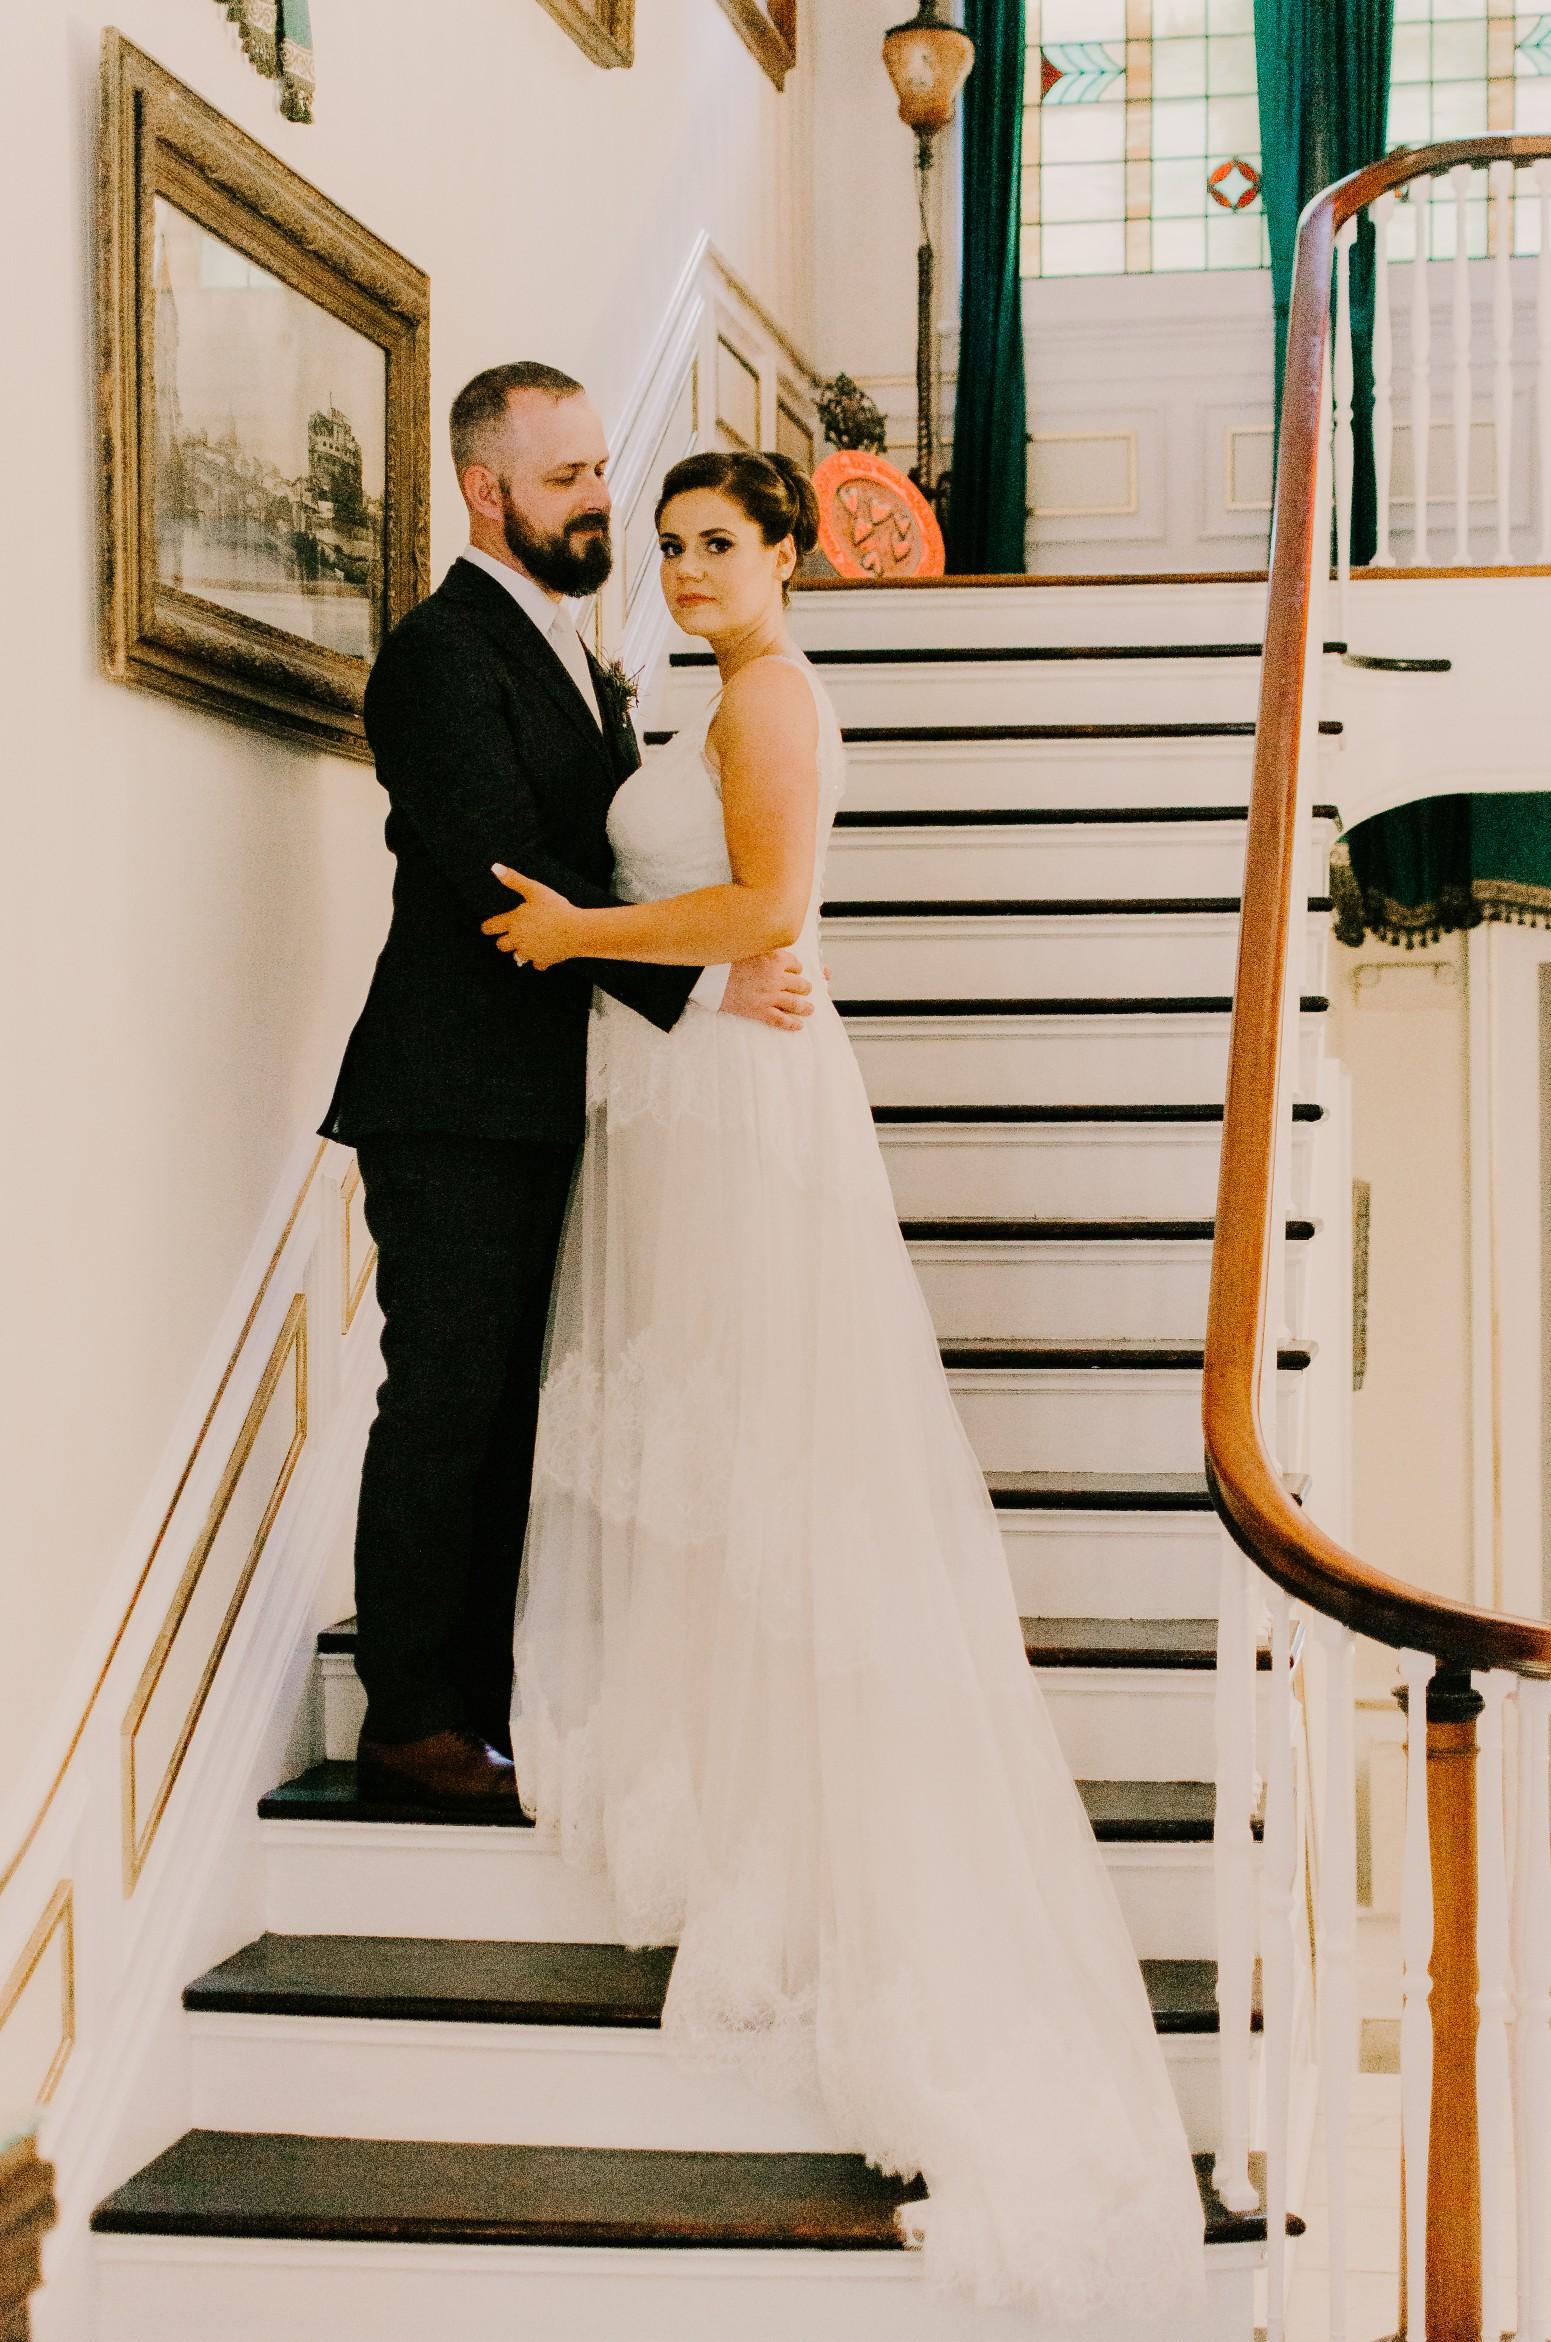 indoor-wedding-portrait-photography.jpg.